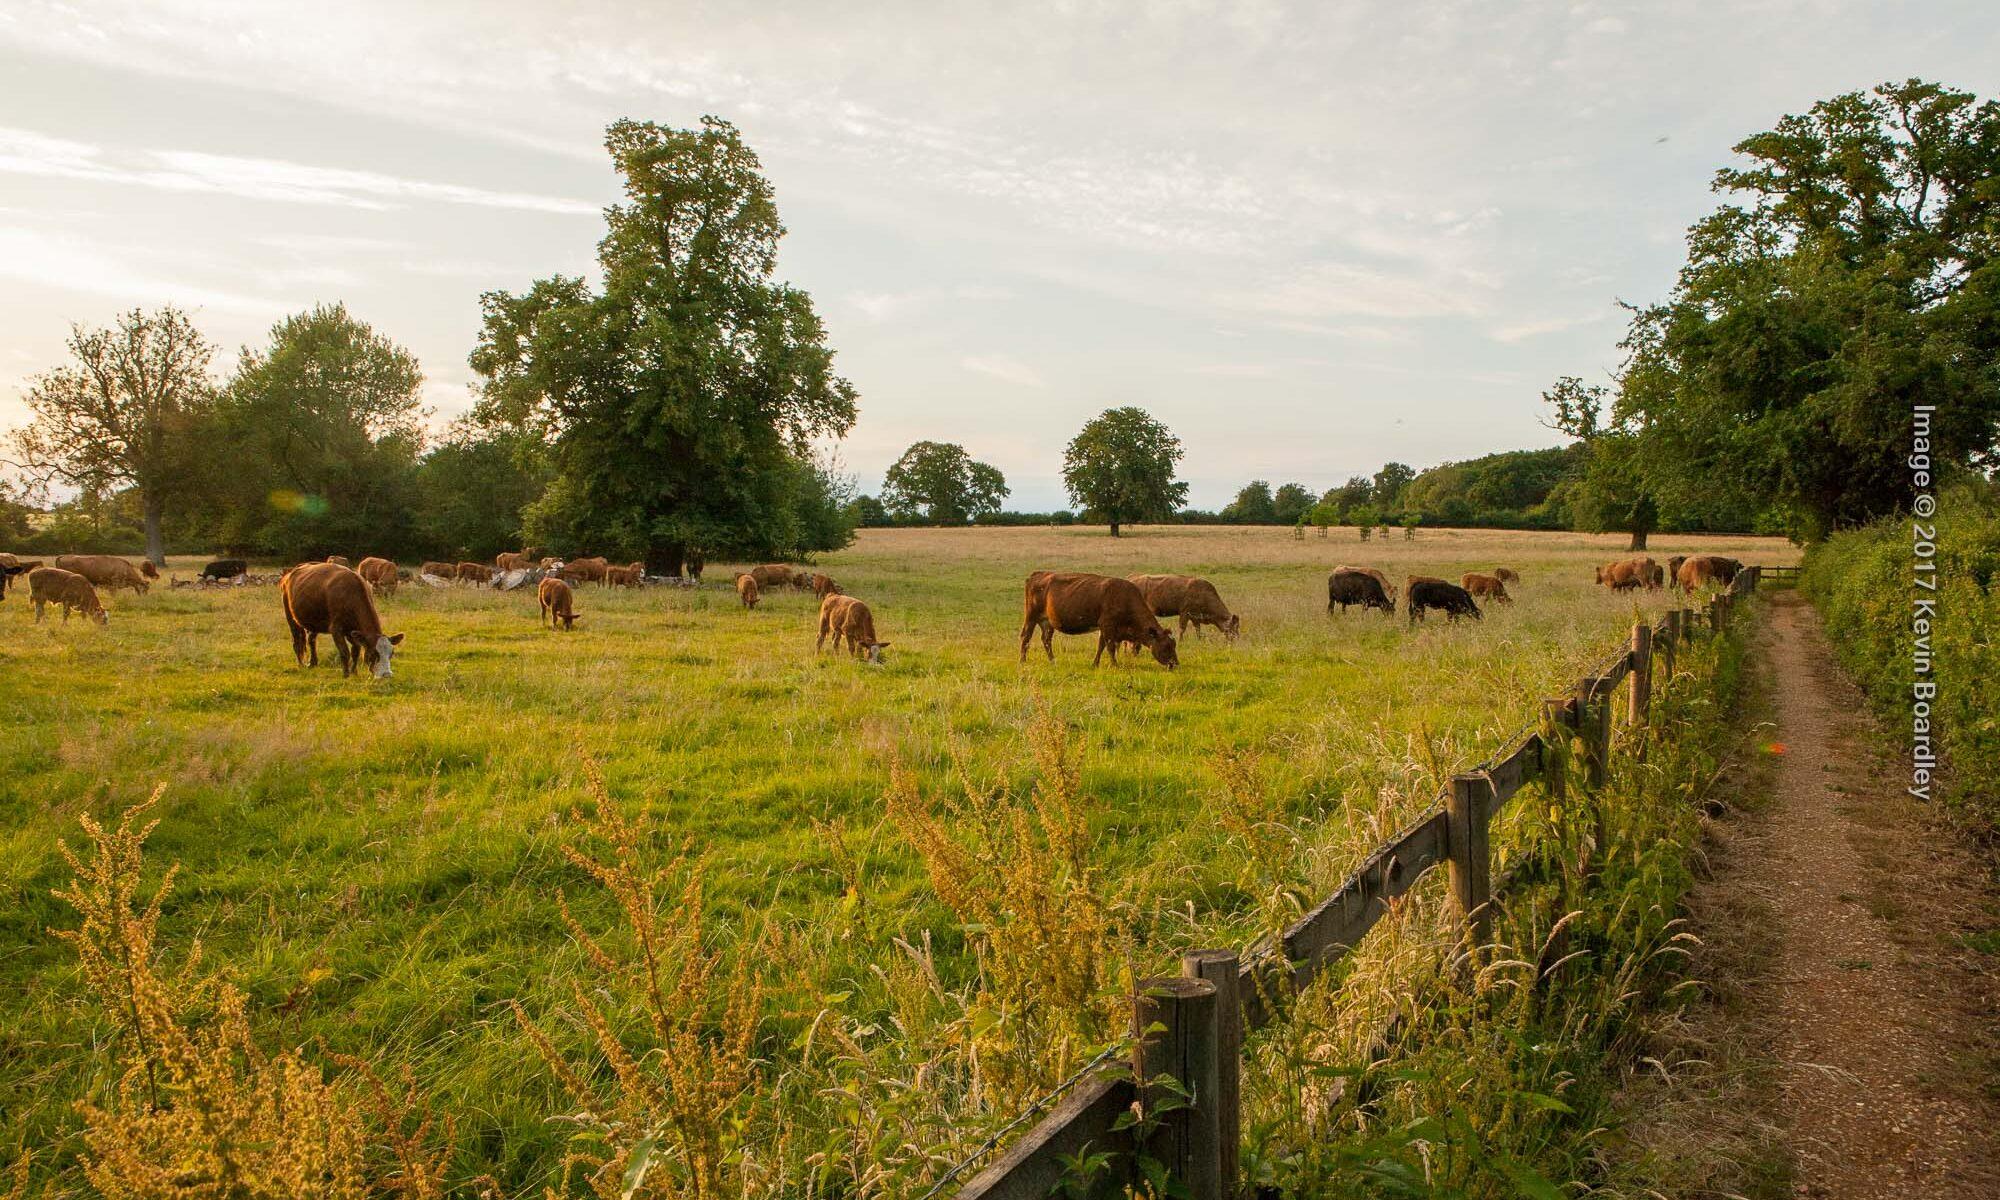 Cattle grazing on a summer evening